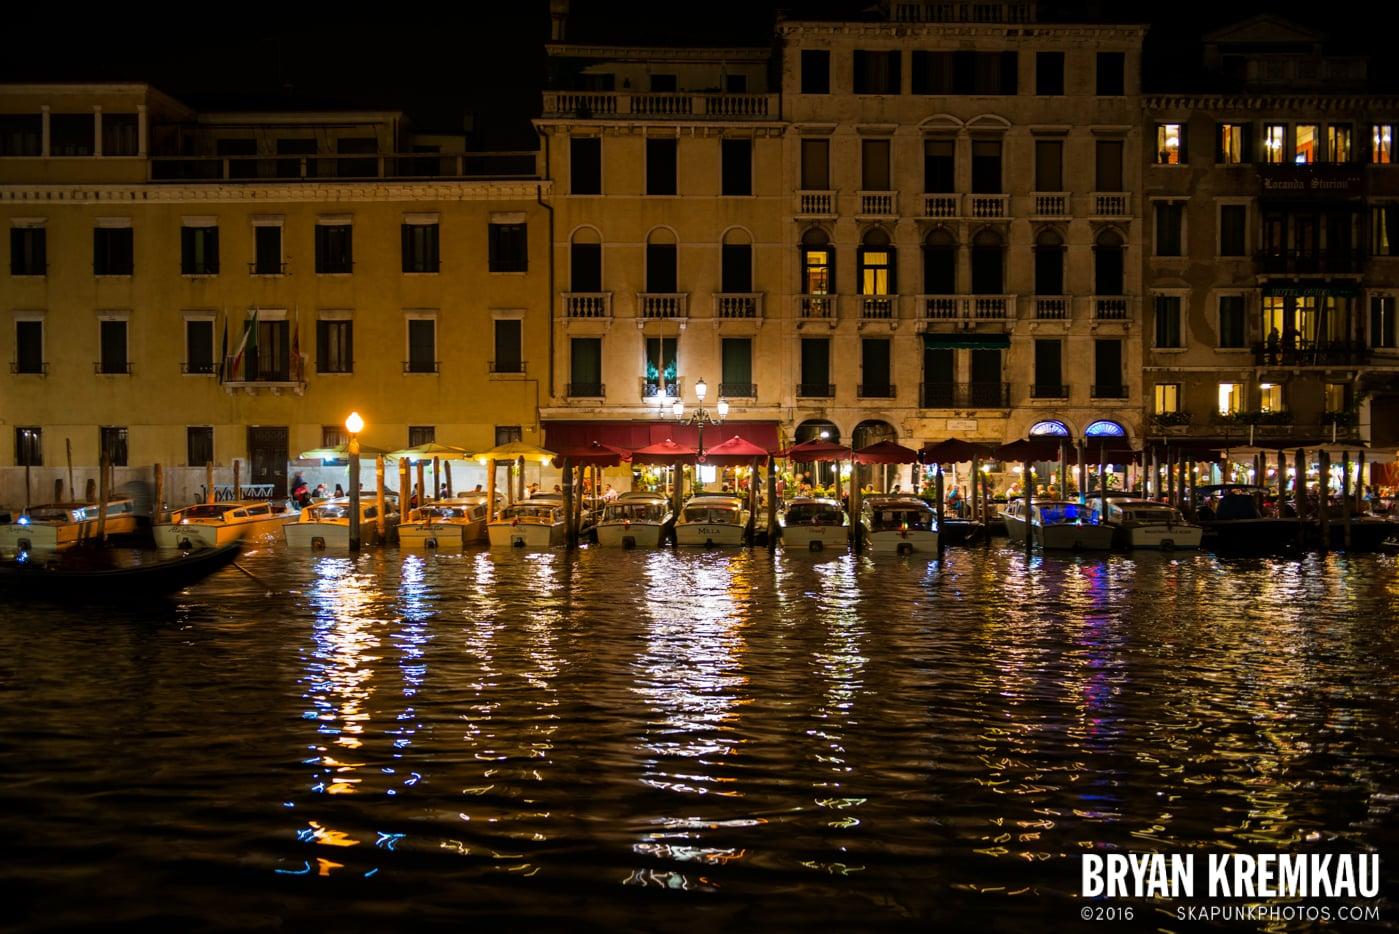 Italy Vacation - Day 5: Venice - 9.13.13 (2)